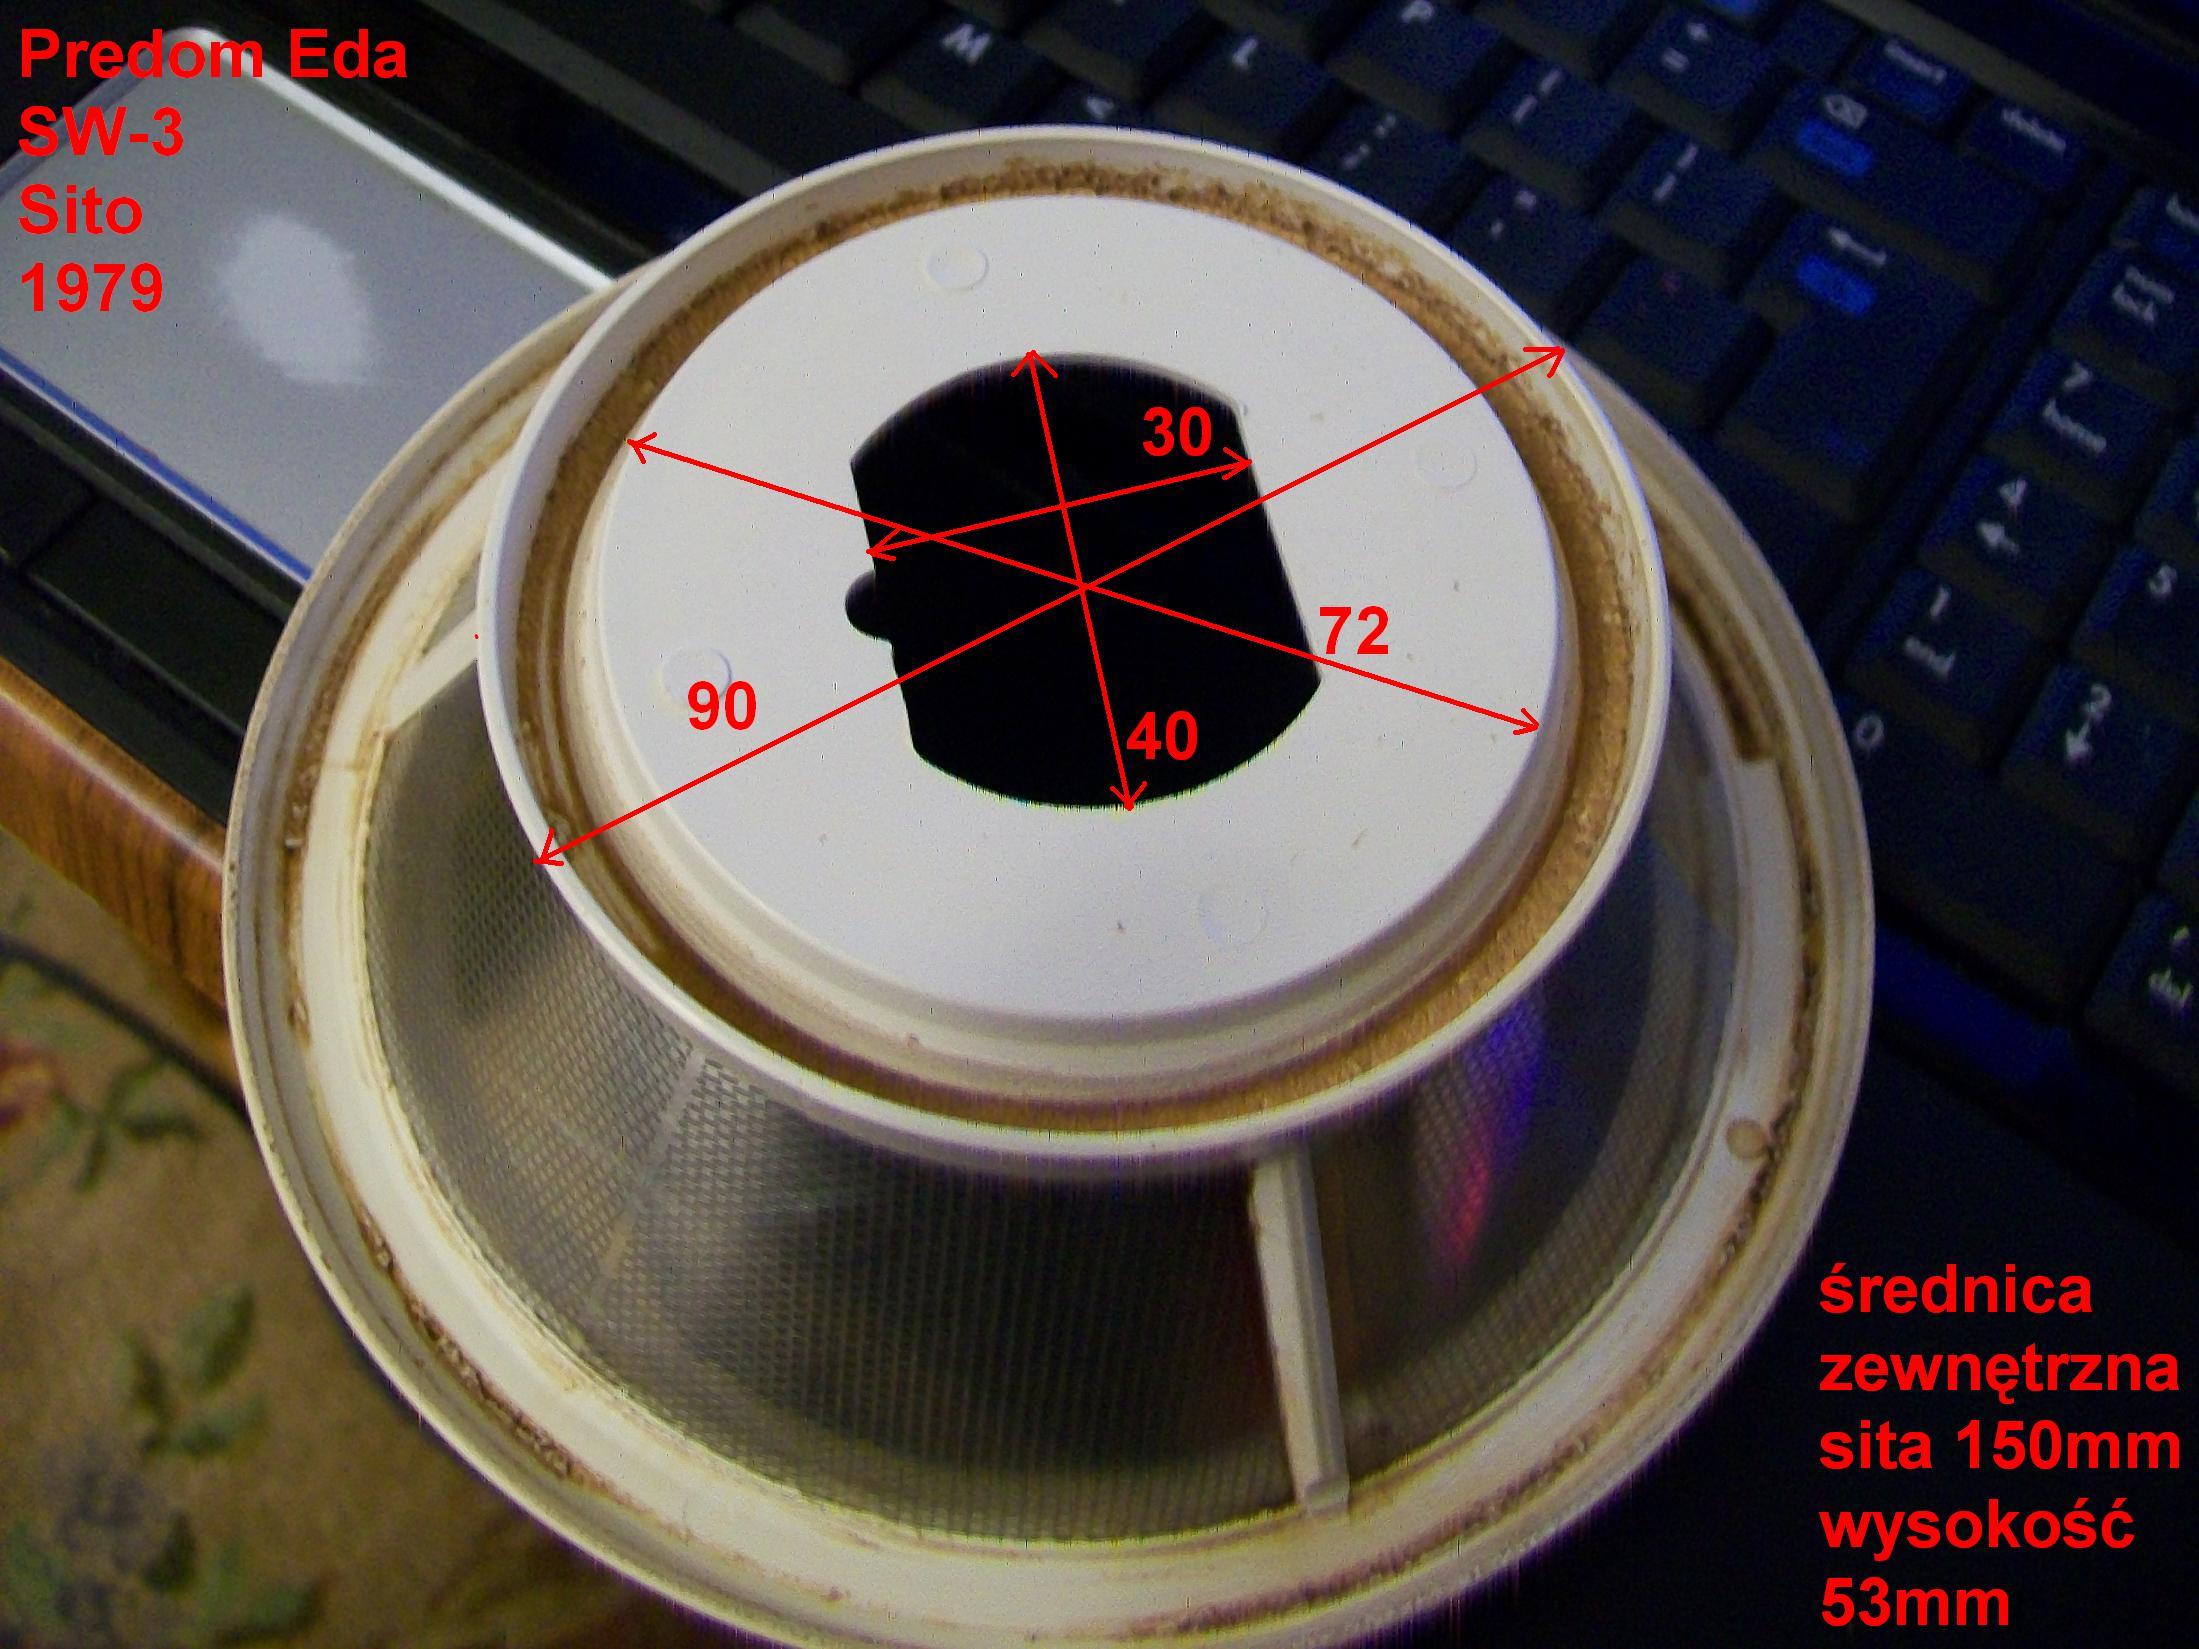 SKS 10 sokowirówka potrzebna część elektroda.pl